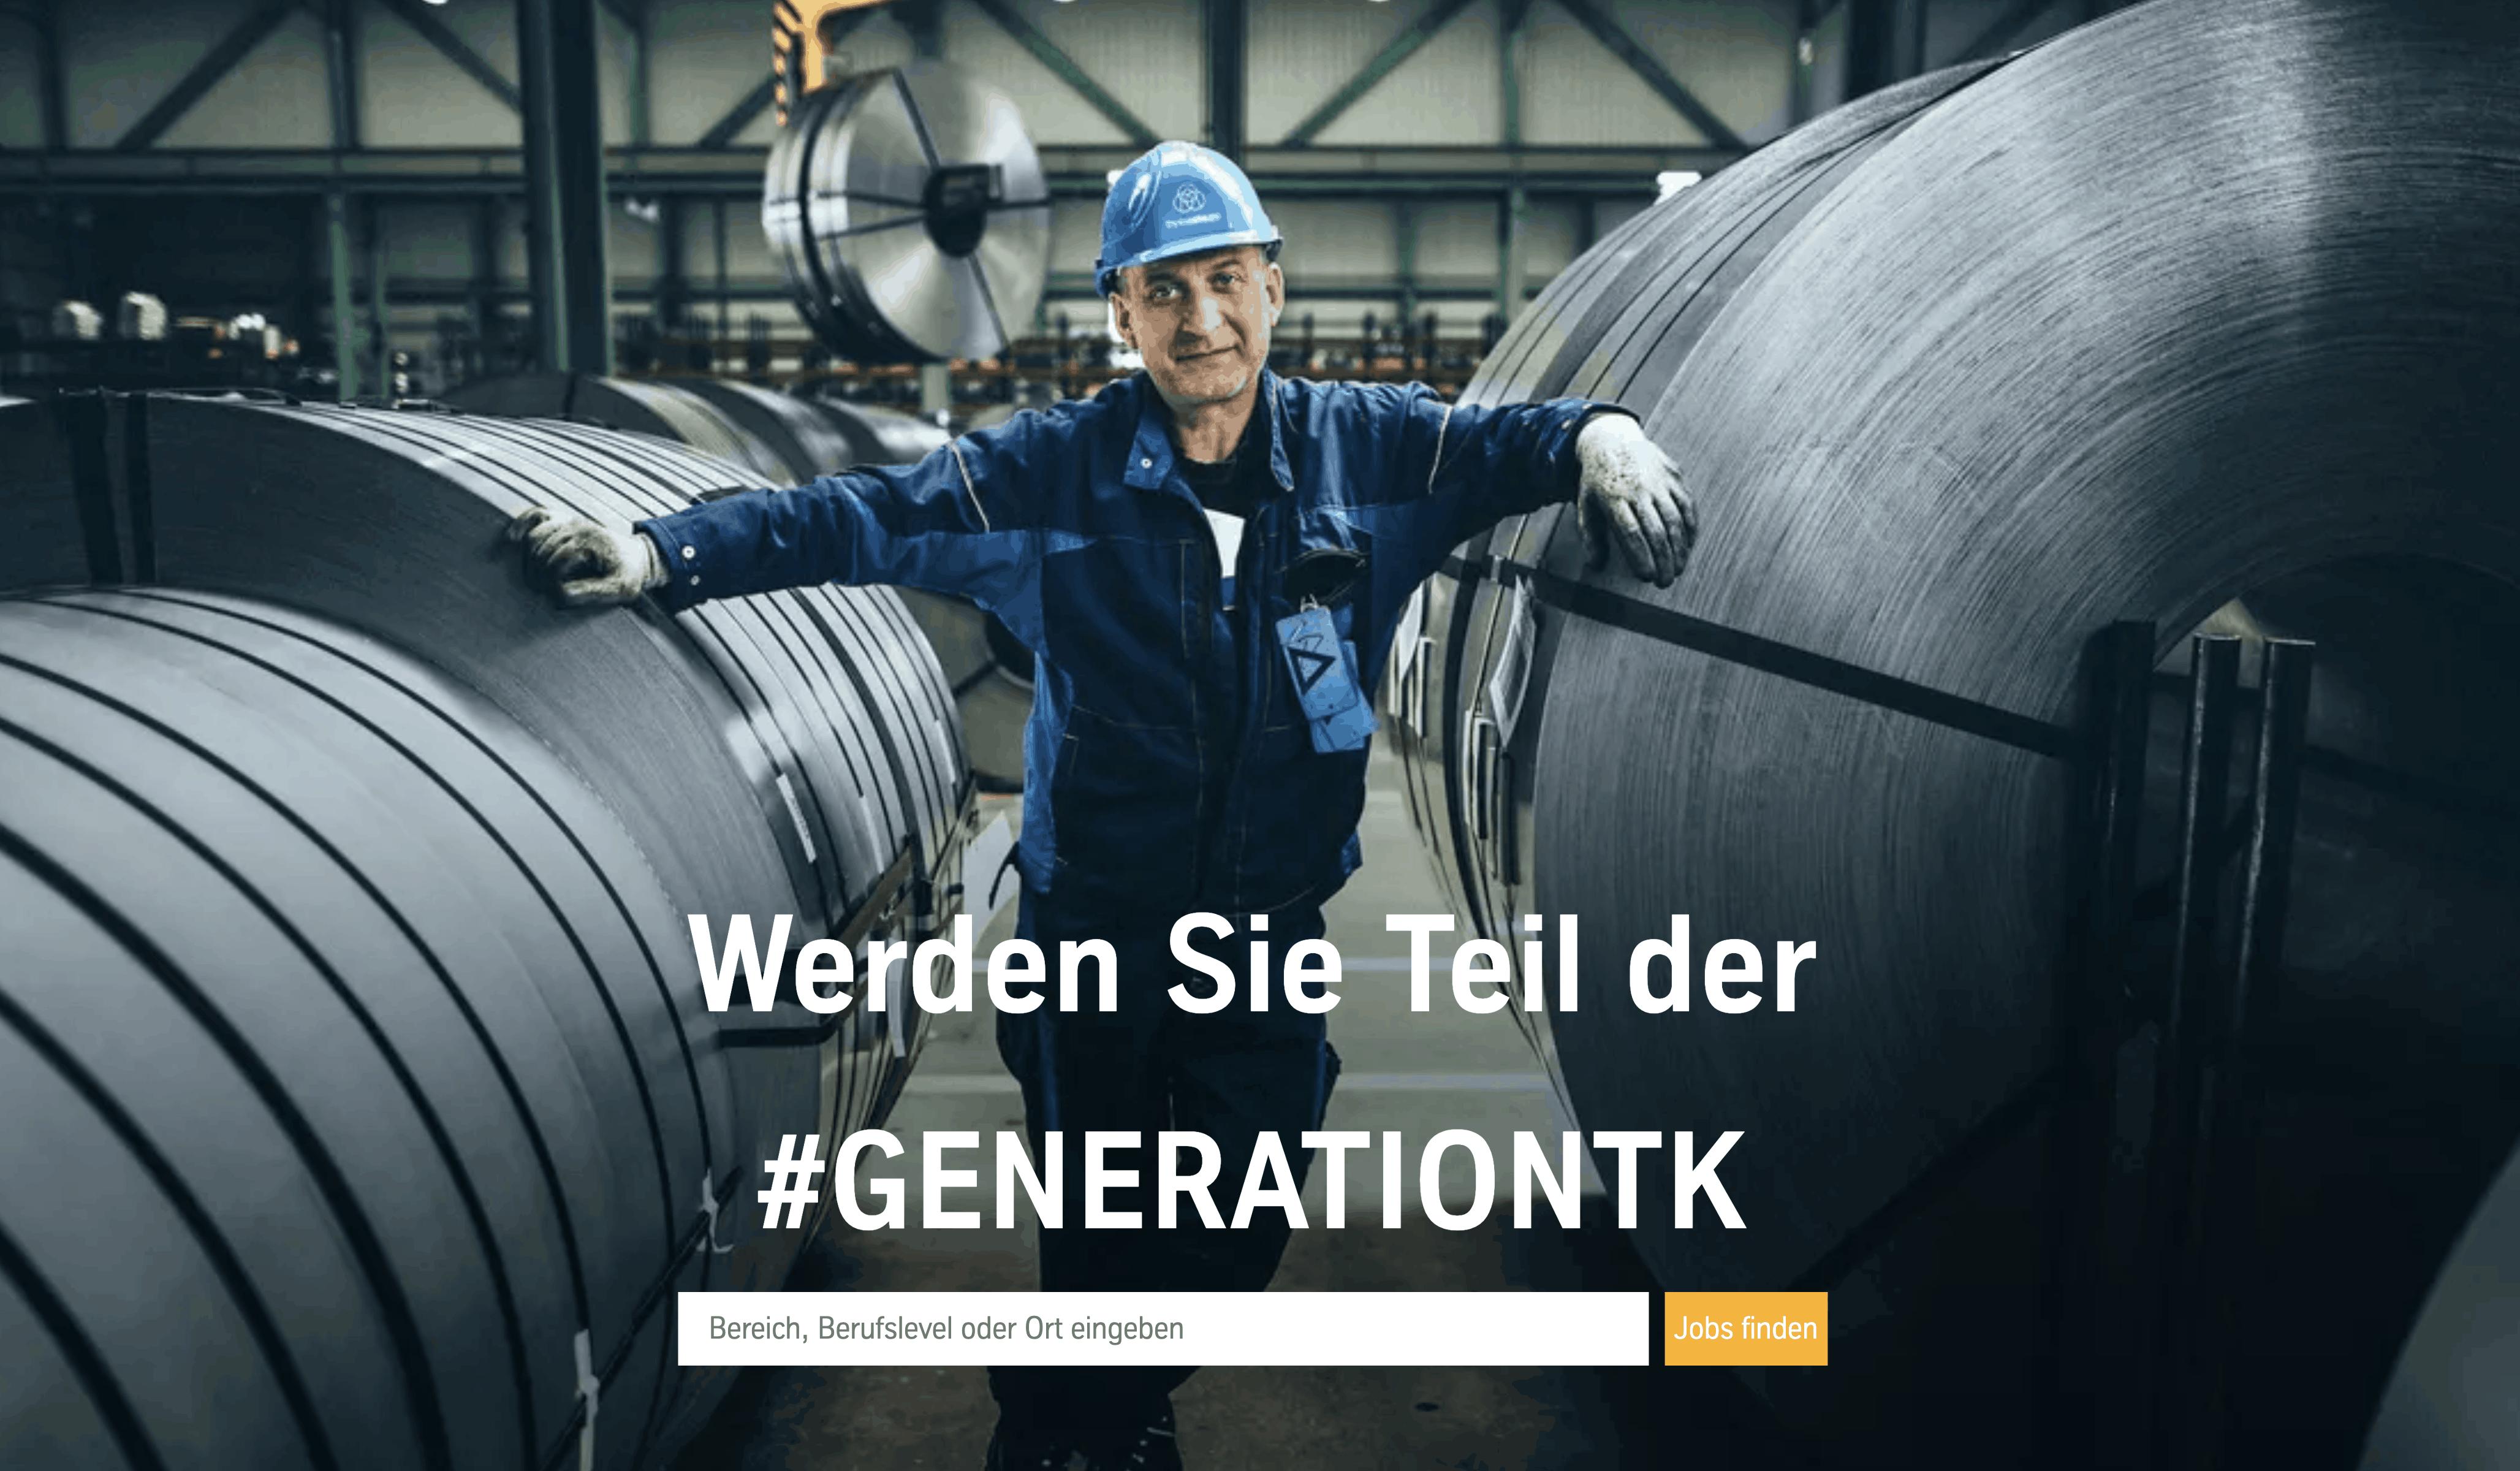 thyssenkrupp #generationtk website employer branding bei thyssenkrupp